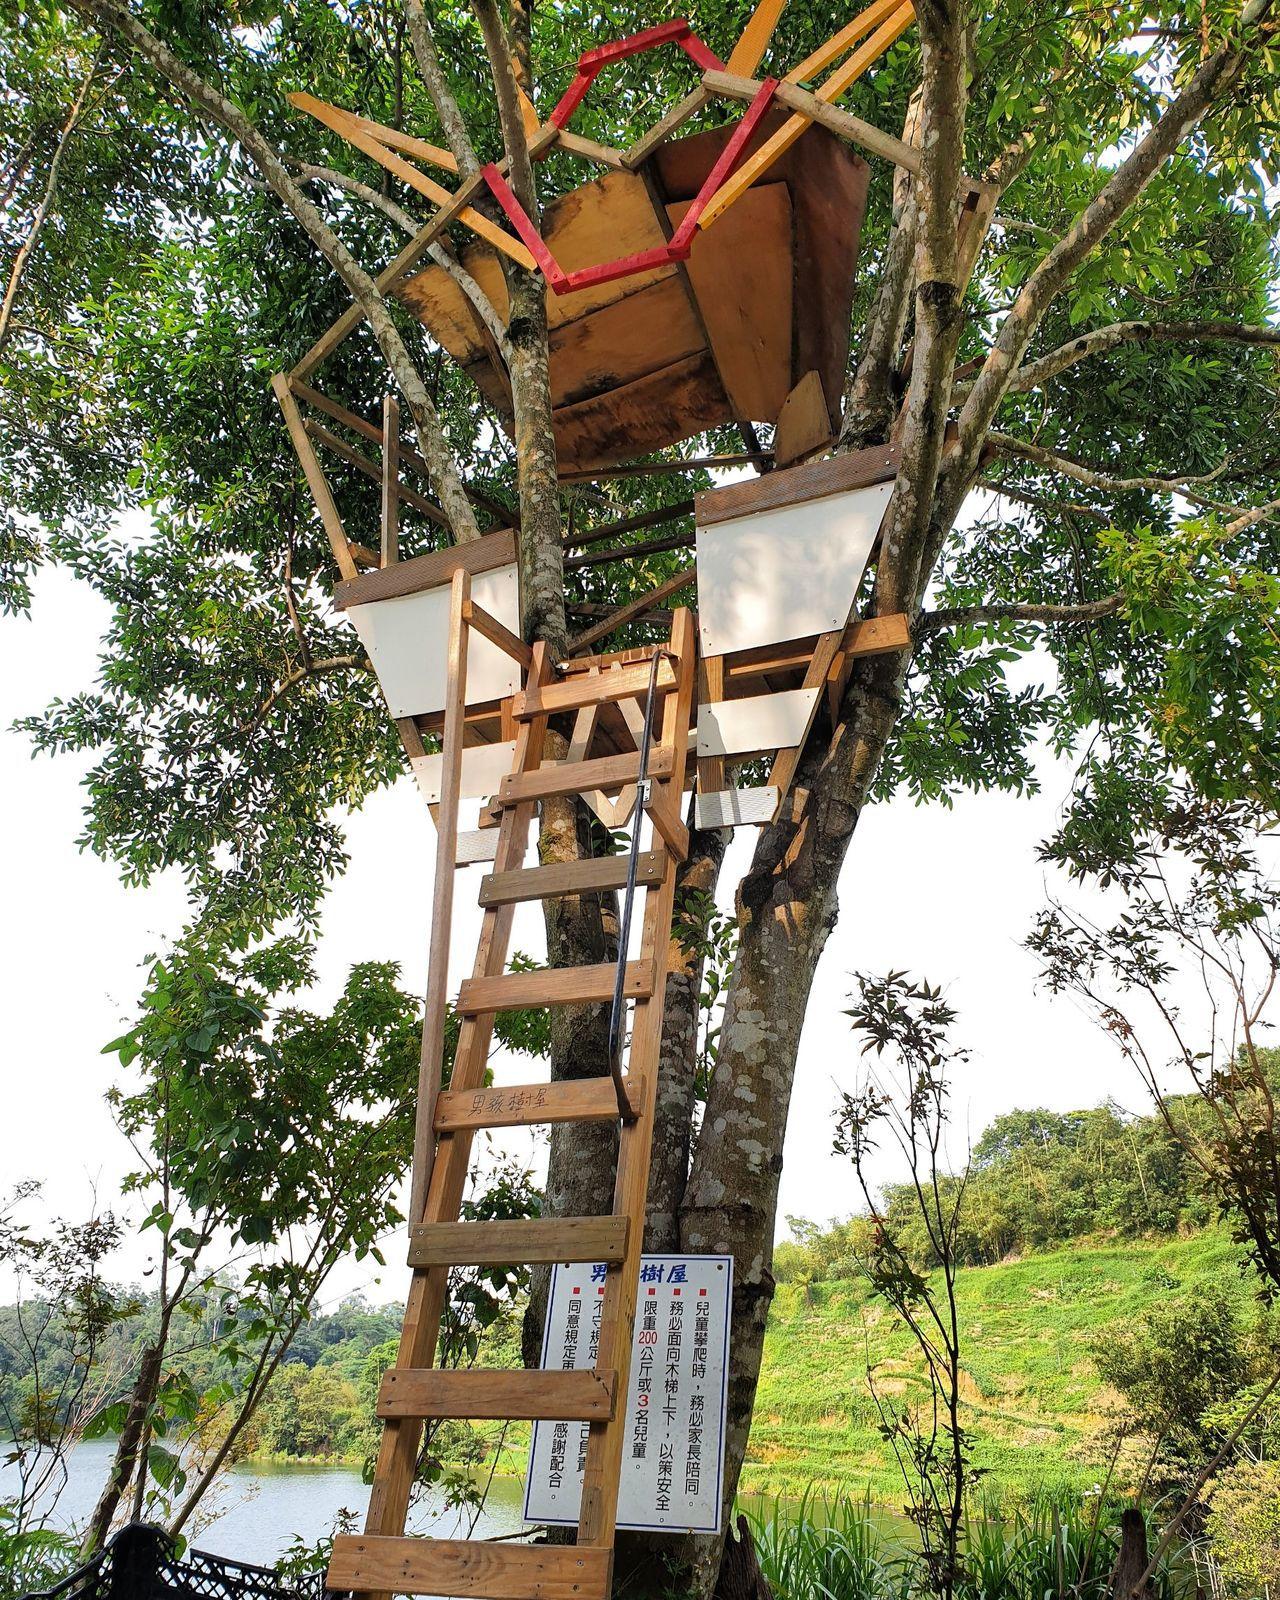 「白匏湖有機農場」除了提供簡餐和烤肉服務外,也建造簡易的樹屋讓孩童攀爬。記者胡瑞...